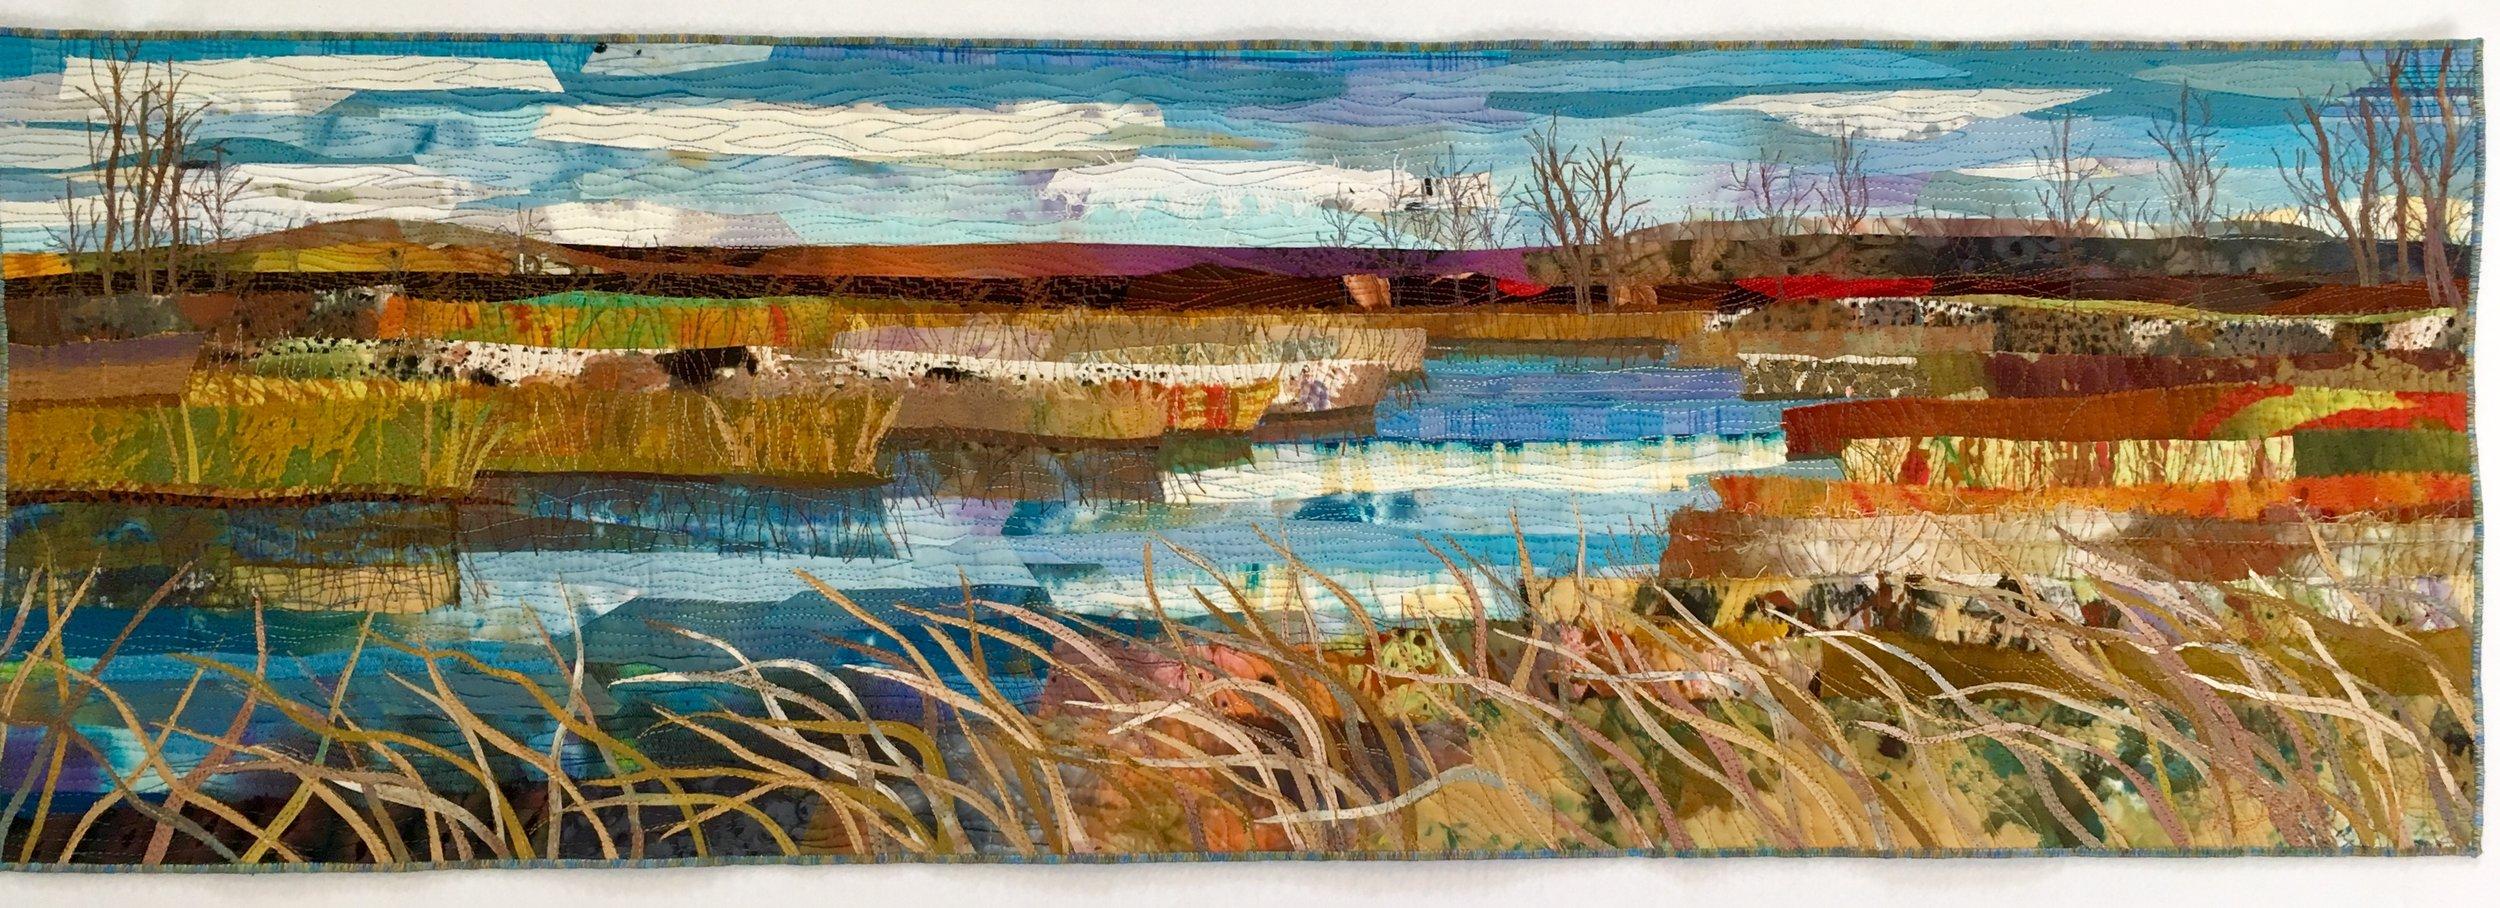 Marsh near the Trinity - SOLD